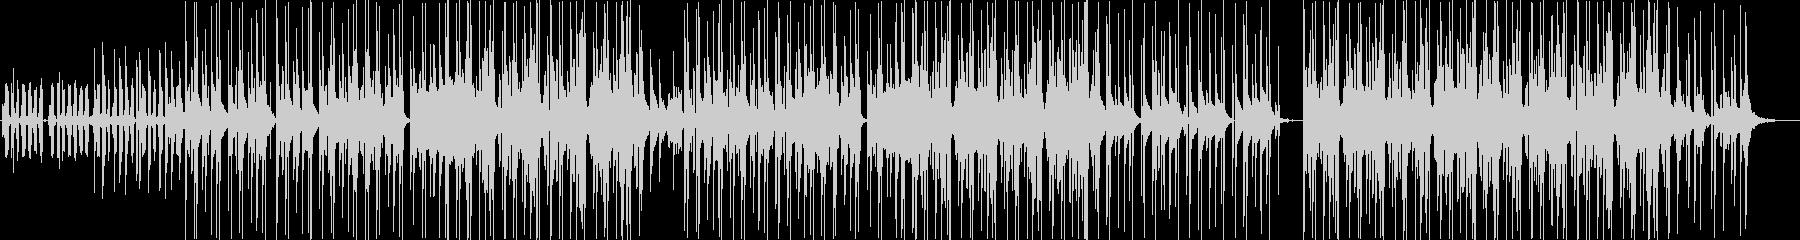 クールビューティーKpopの未再生の波形